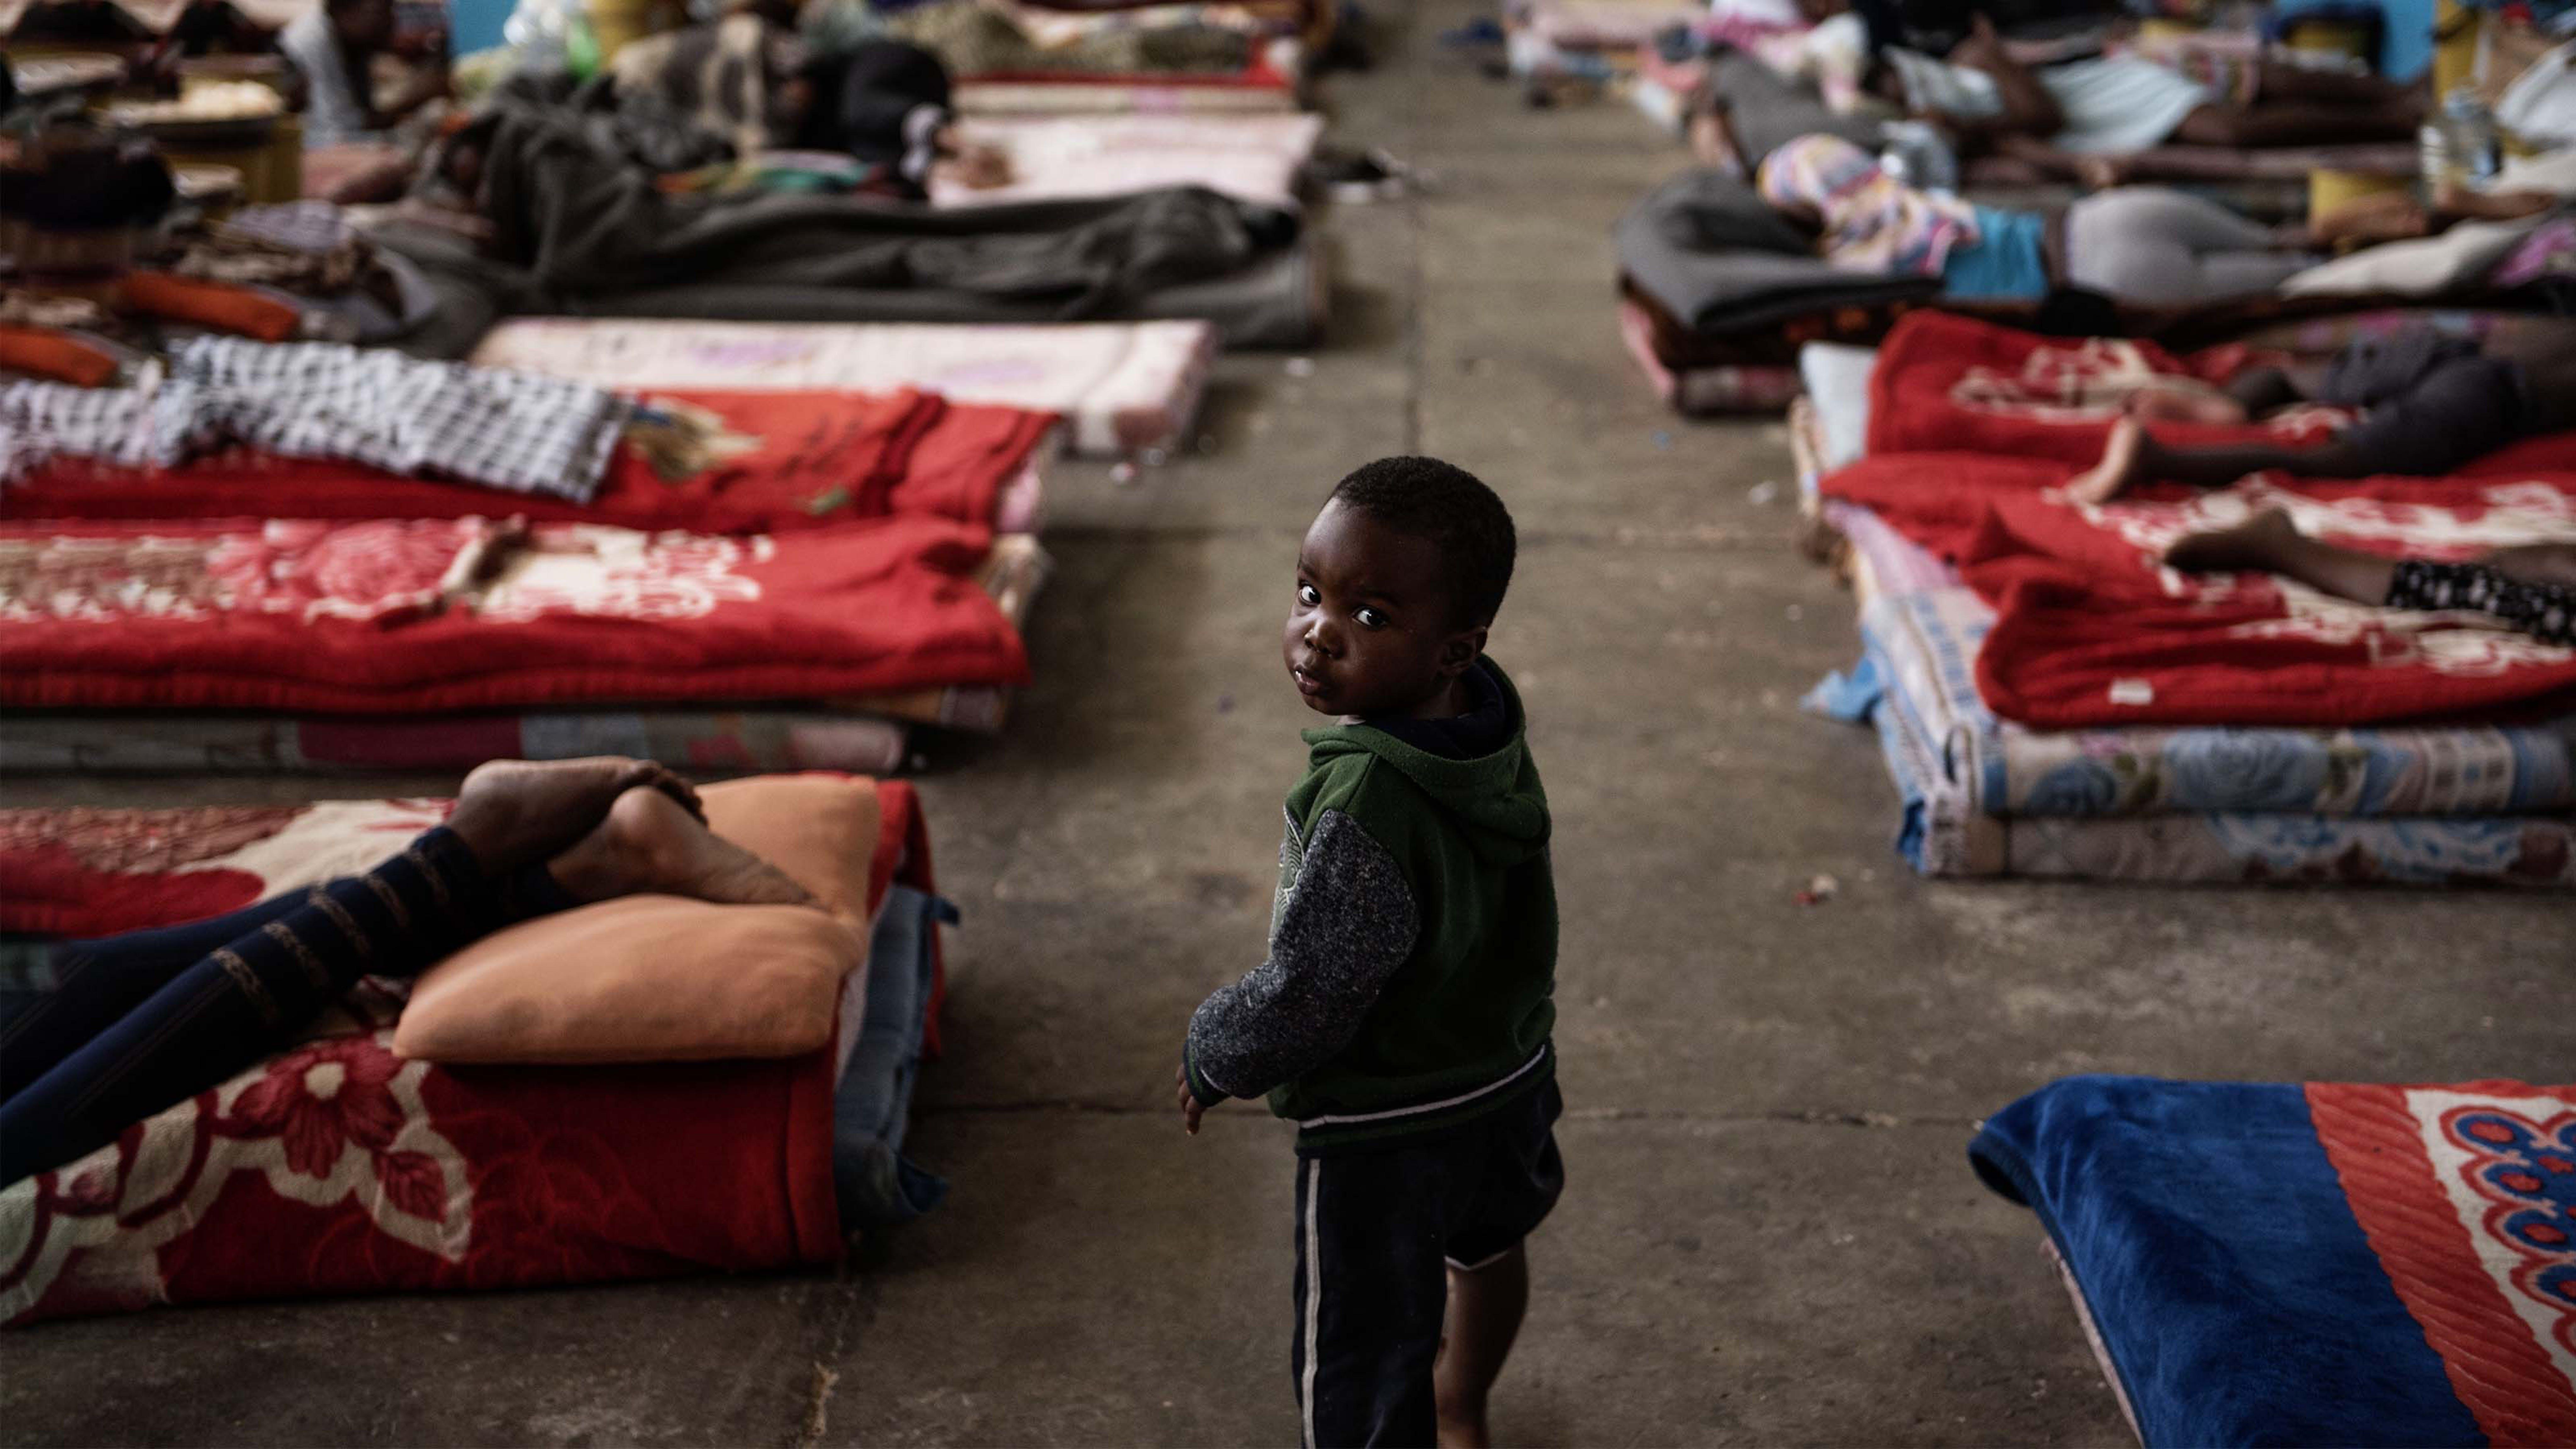 Libia, un bambino in un centro di detenzione